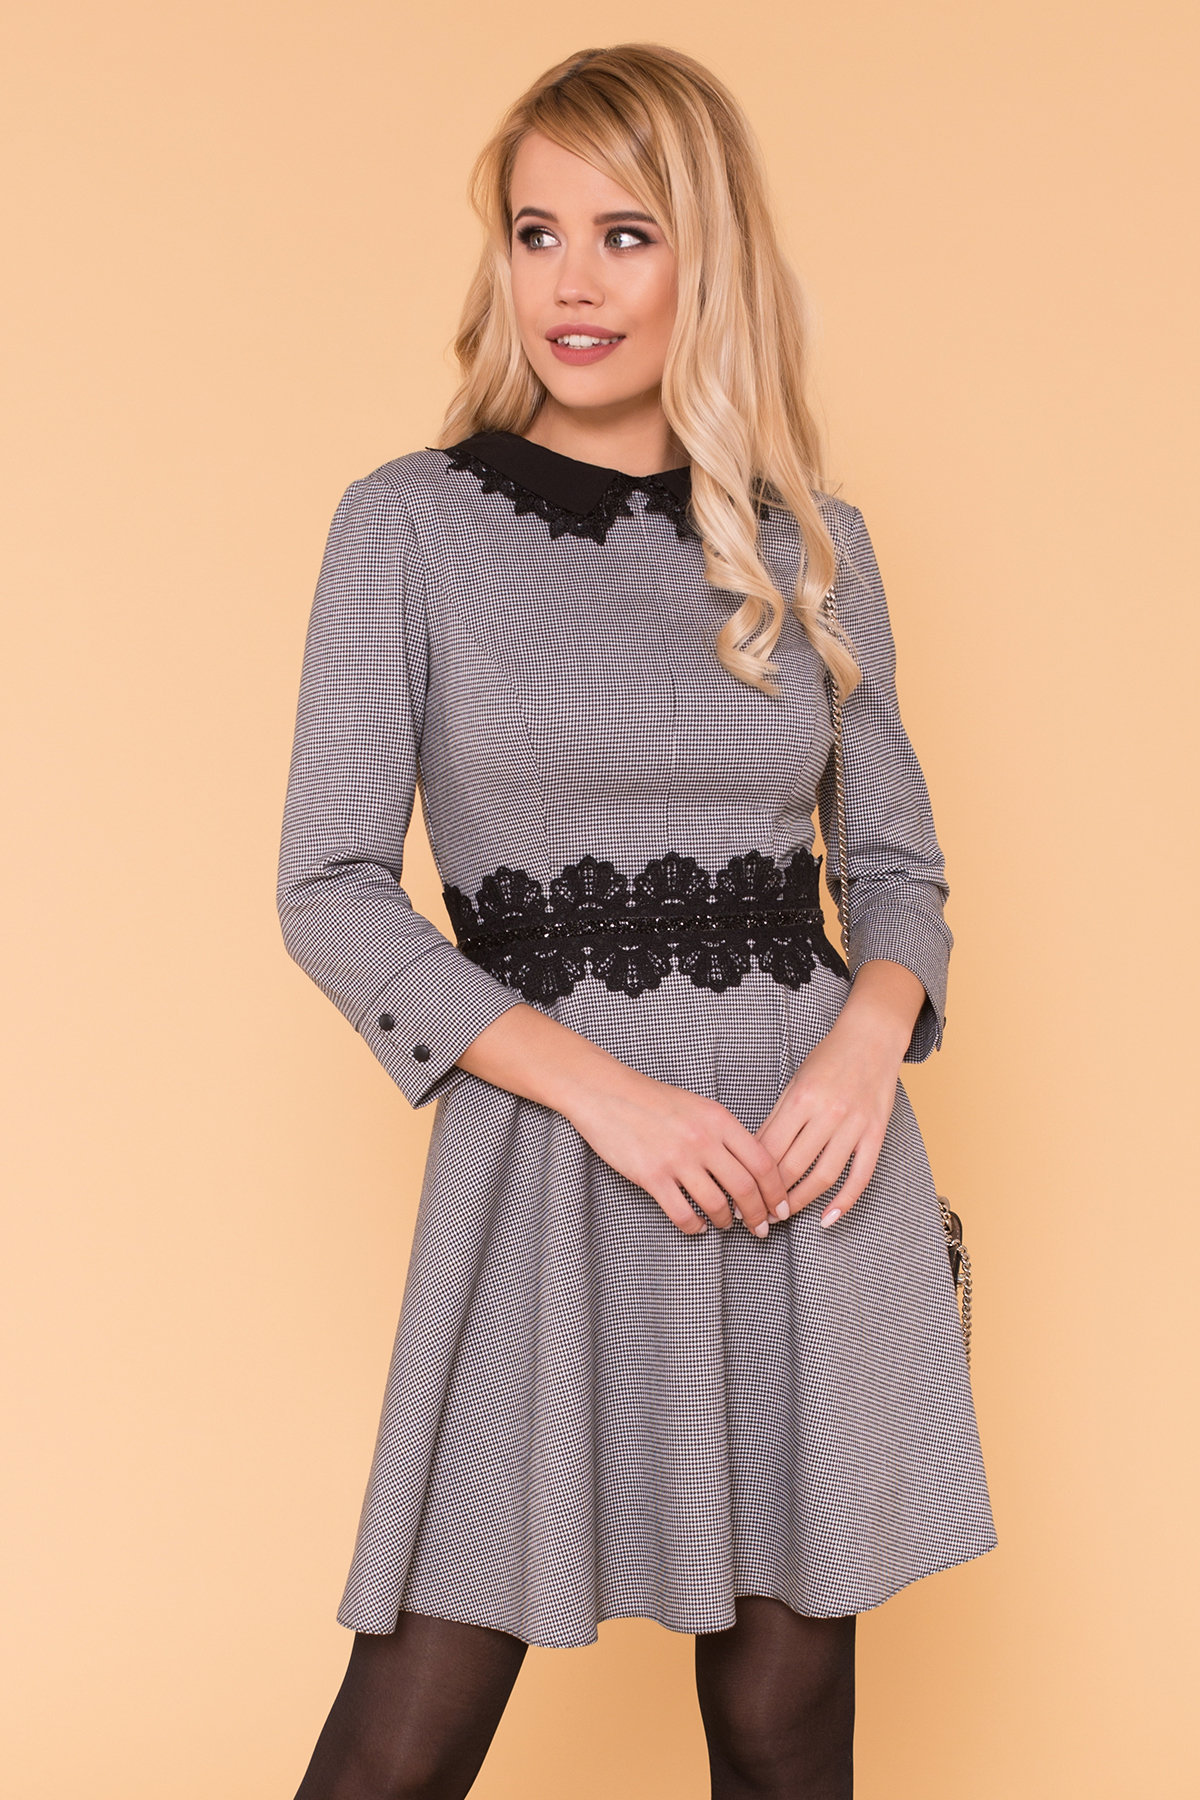 Платье с юбкой-солнце Акуна 6263 АРТ. 41029 Цвет: Черный/белый2/1 Гусин лап - фото 3, интернет магазин tm-modus.ru